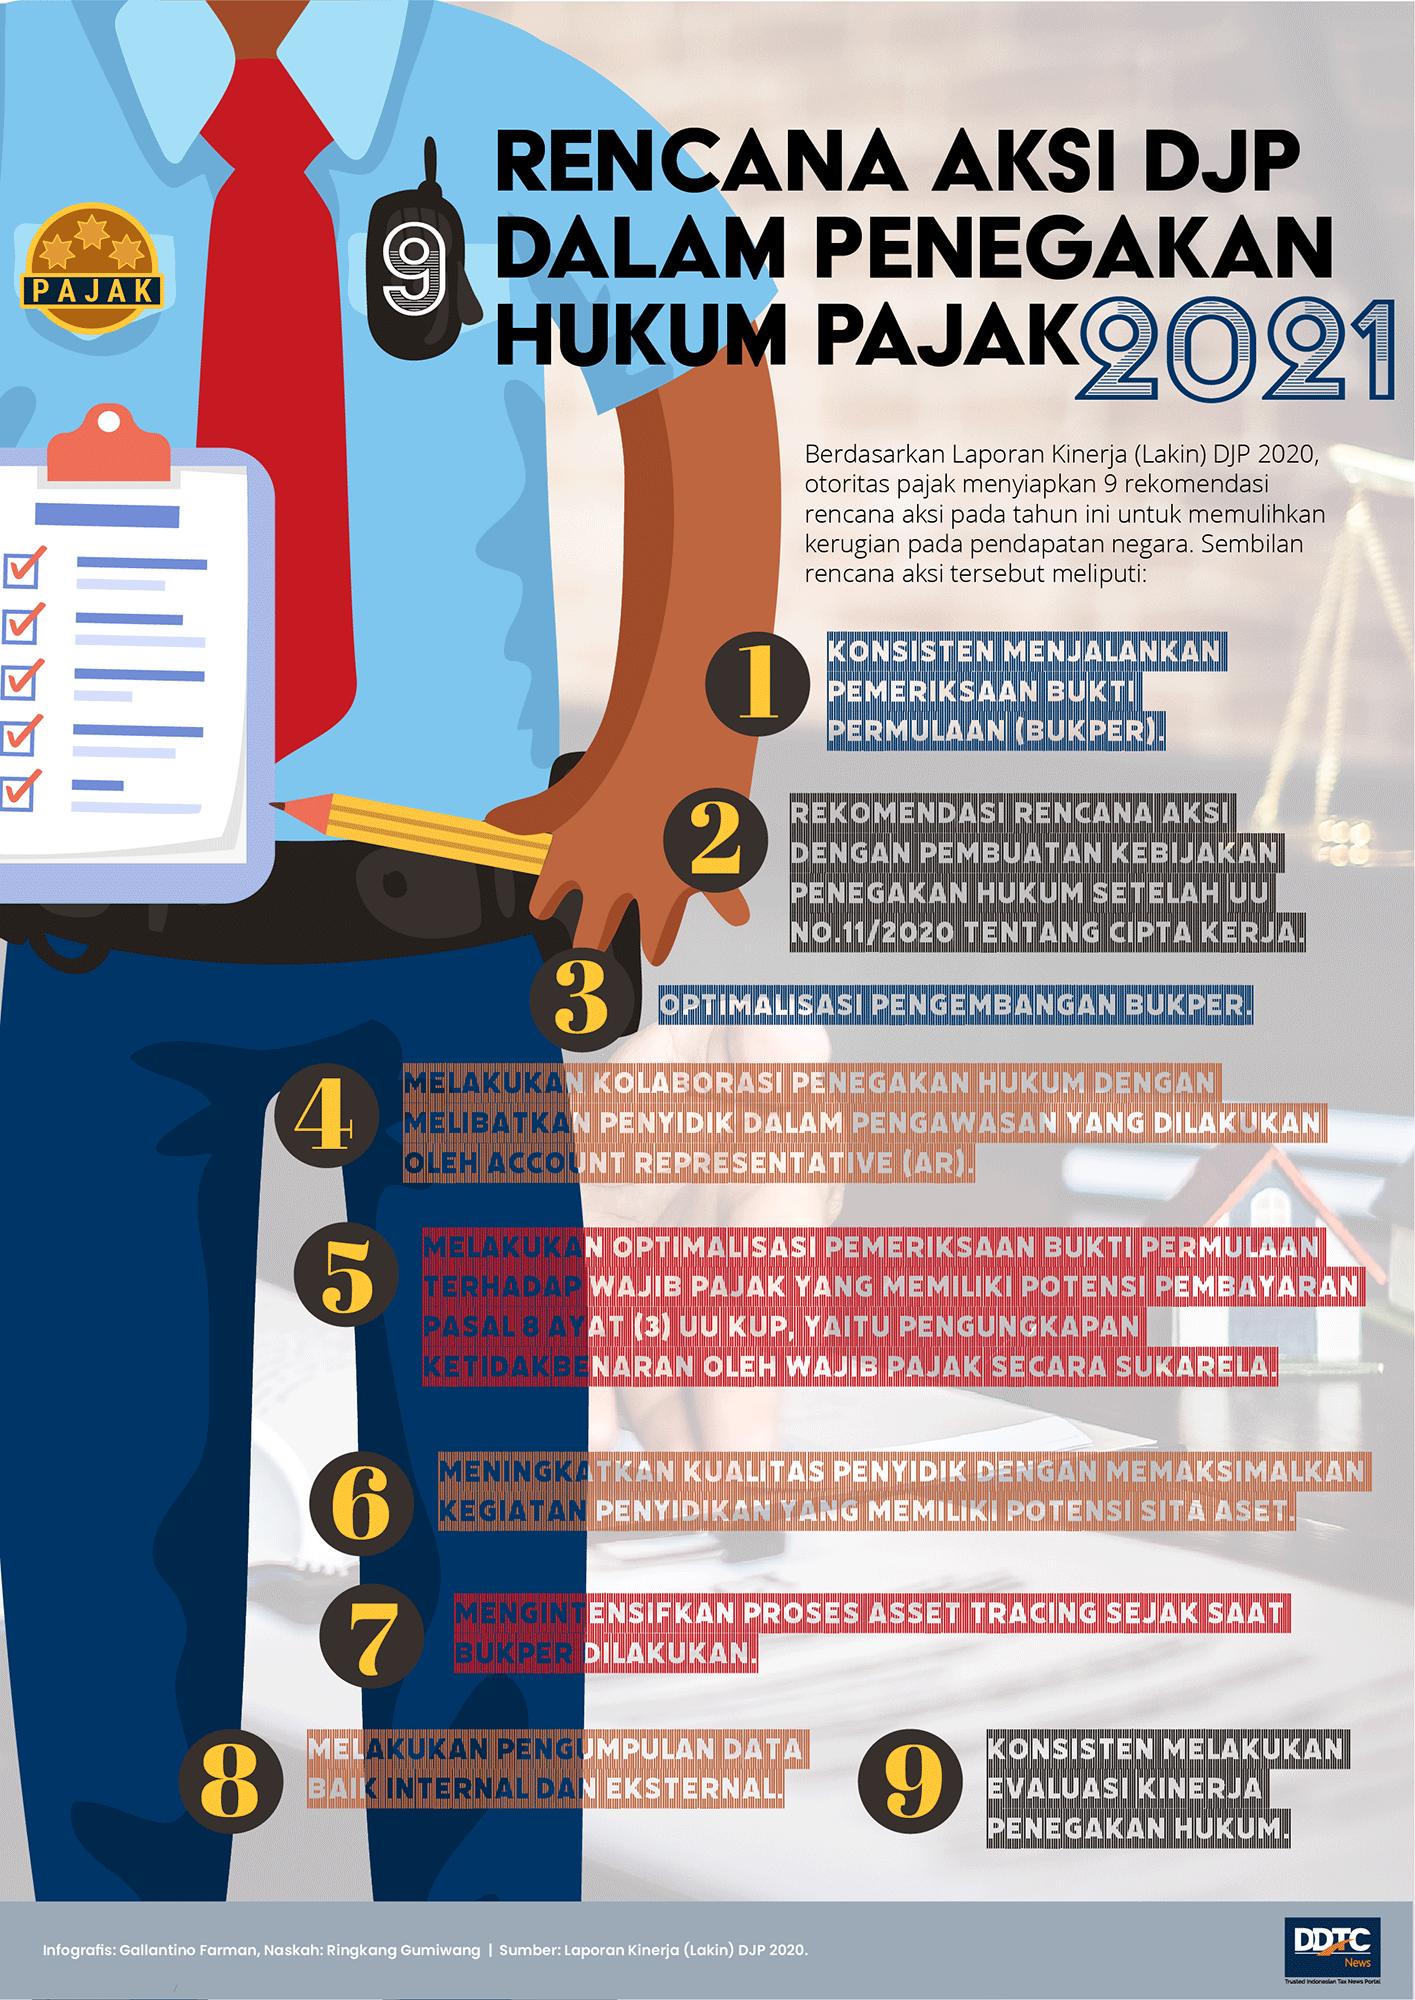 9 Rencana Aksi DJP dalam Penegakan Hukum Pajak 2021